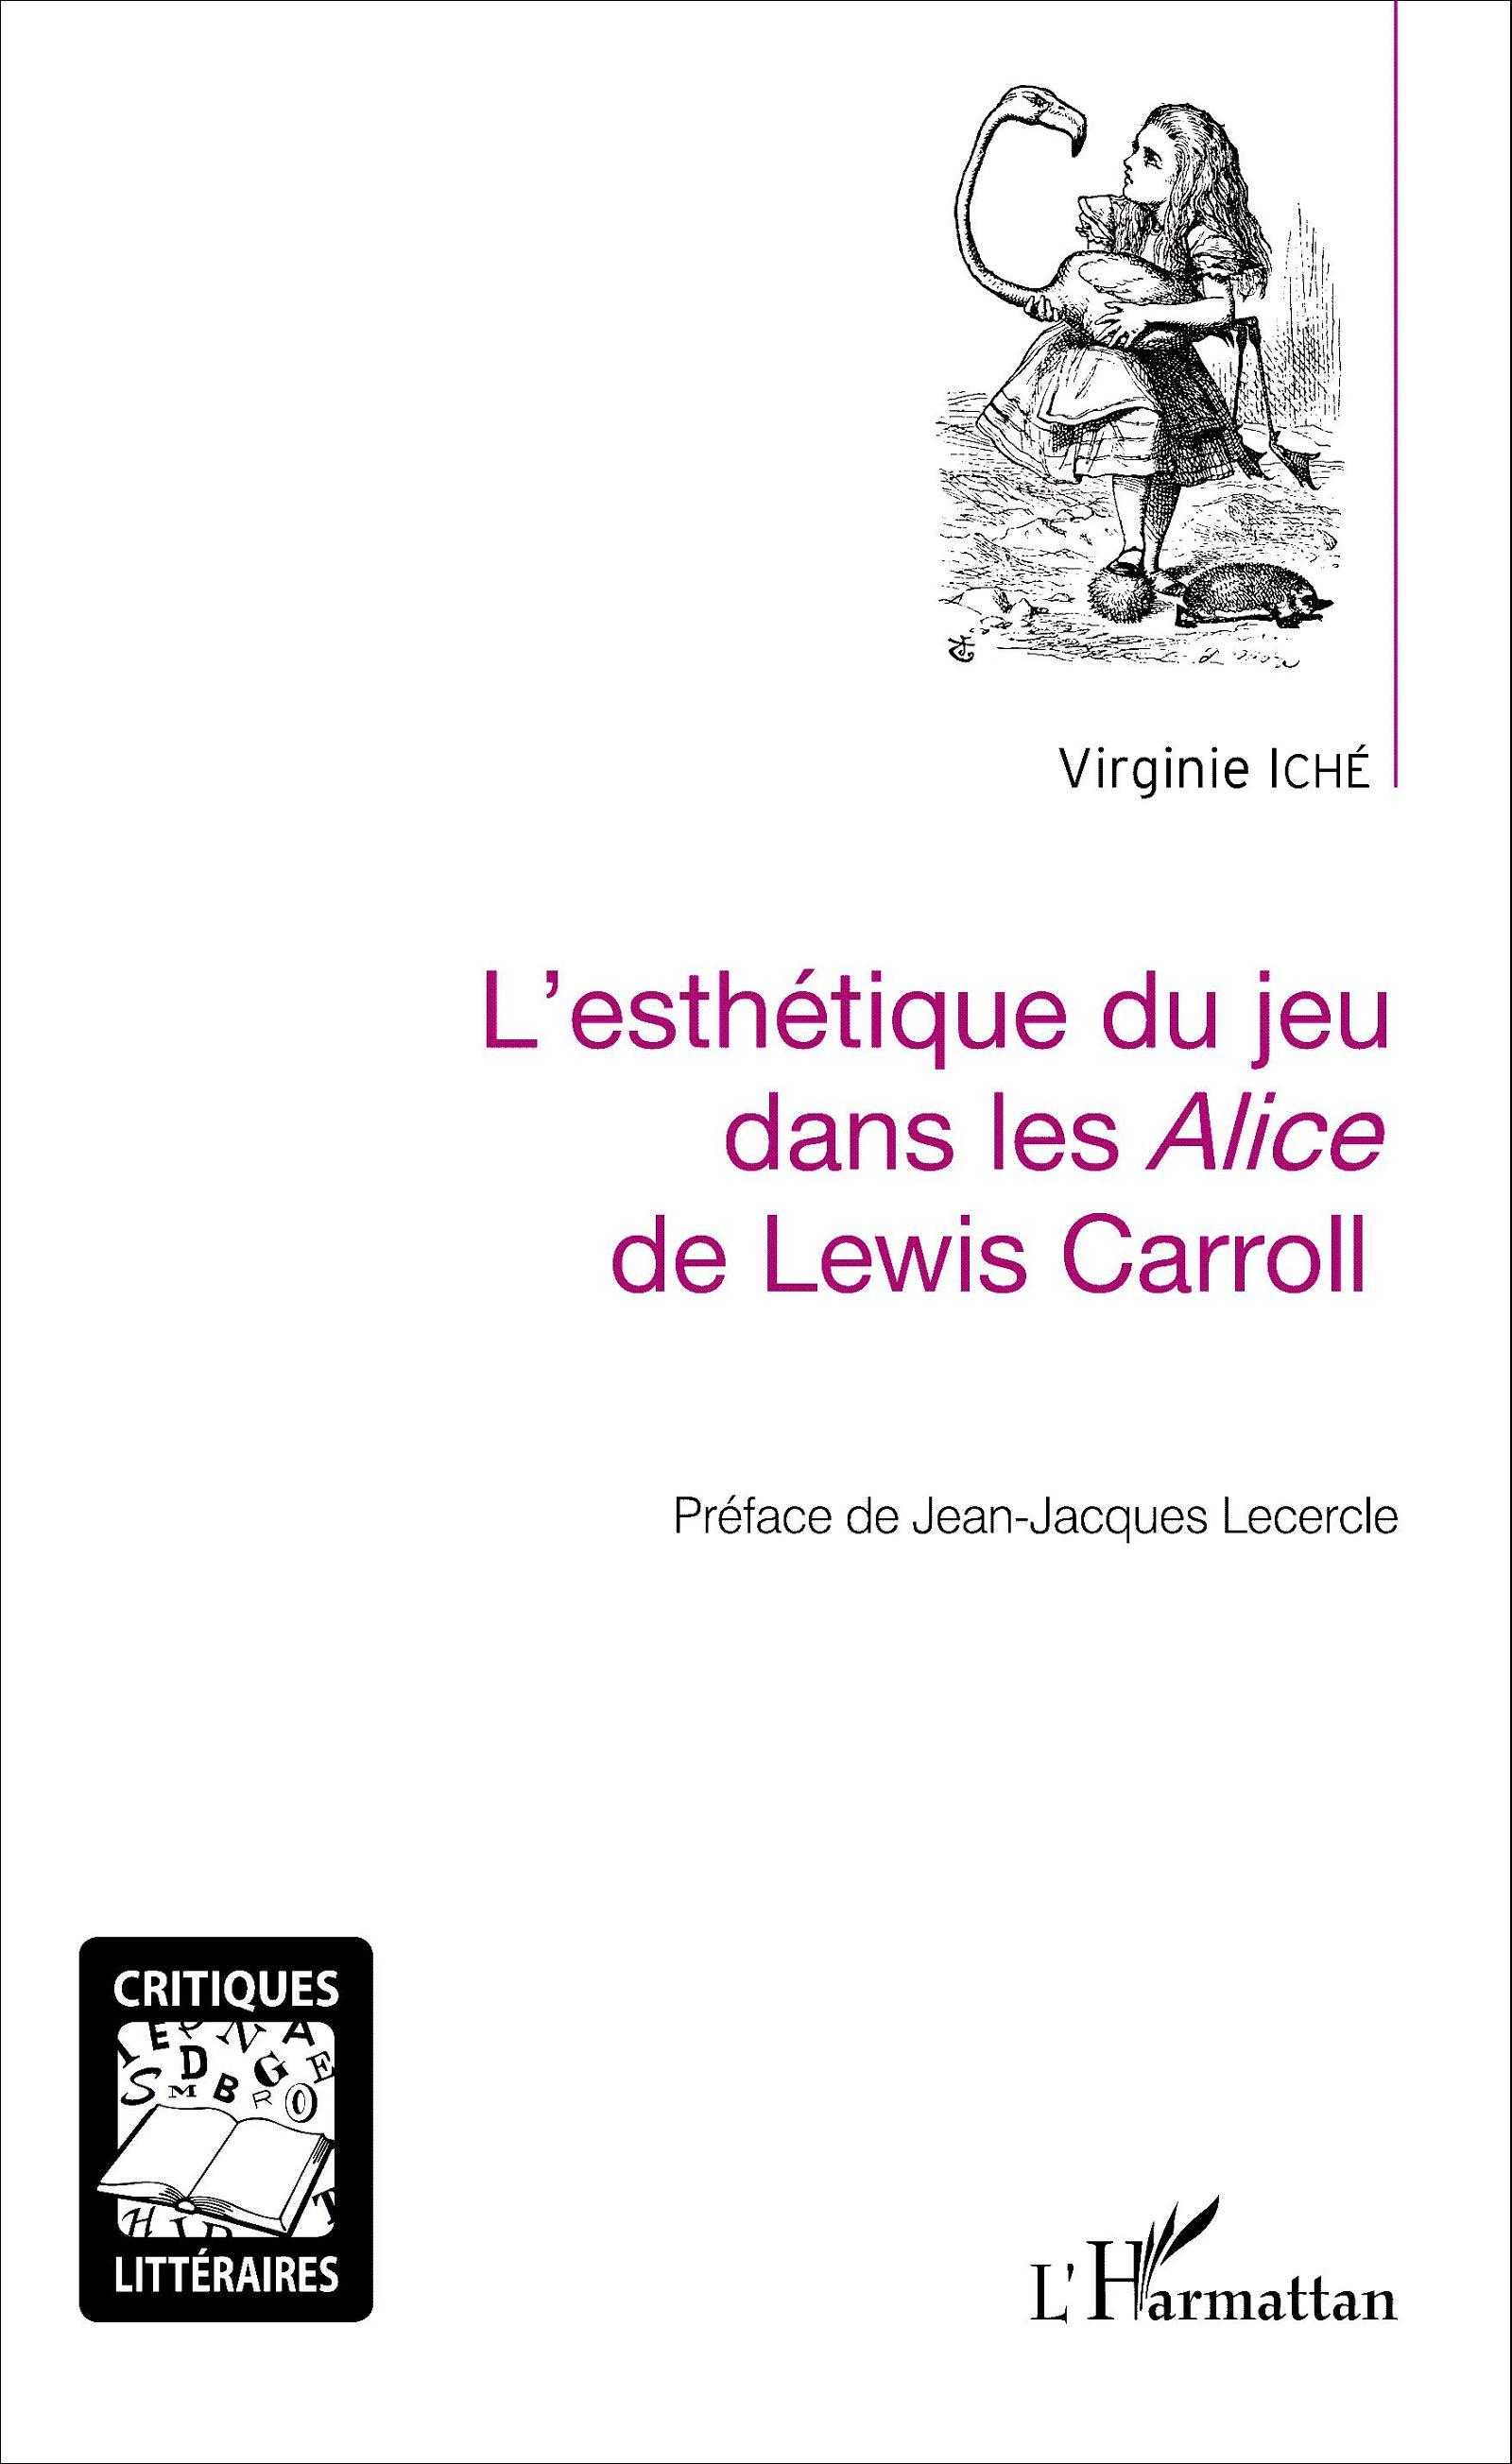 V. Iché, L'Esthétique du jeu dans les Alice de Lewis Carroll